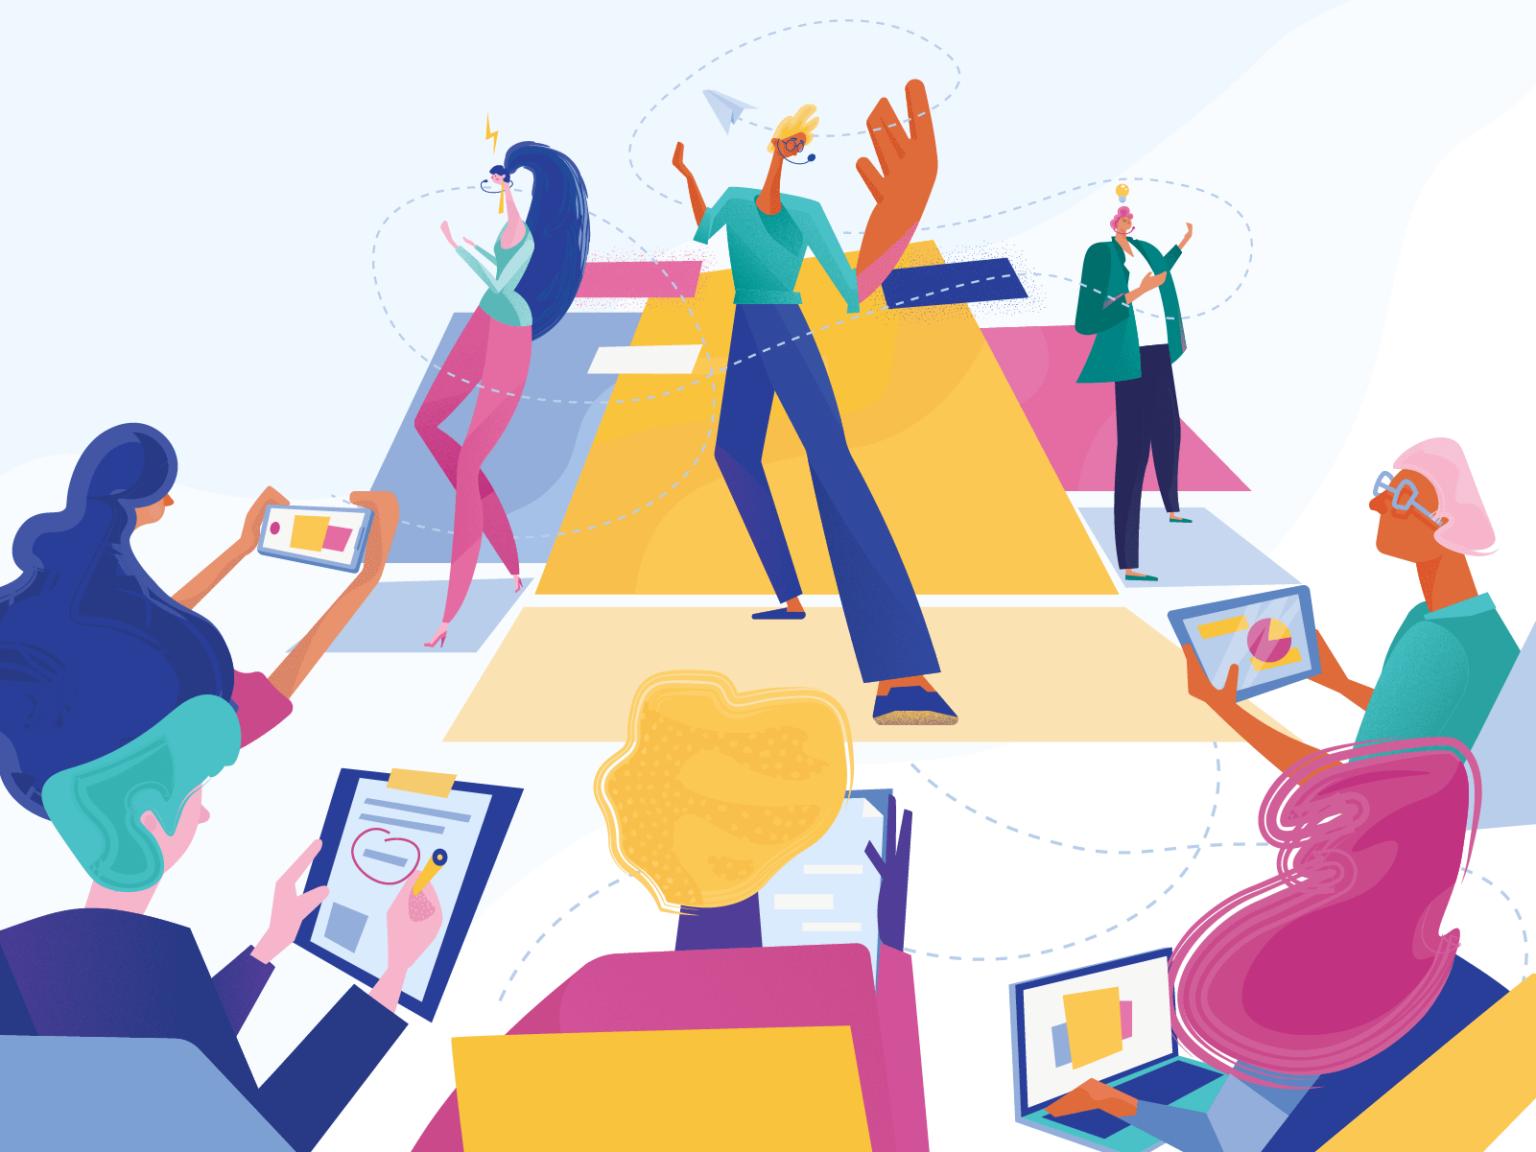 17 трендов иллюстрации и графического дизайна 2020 года